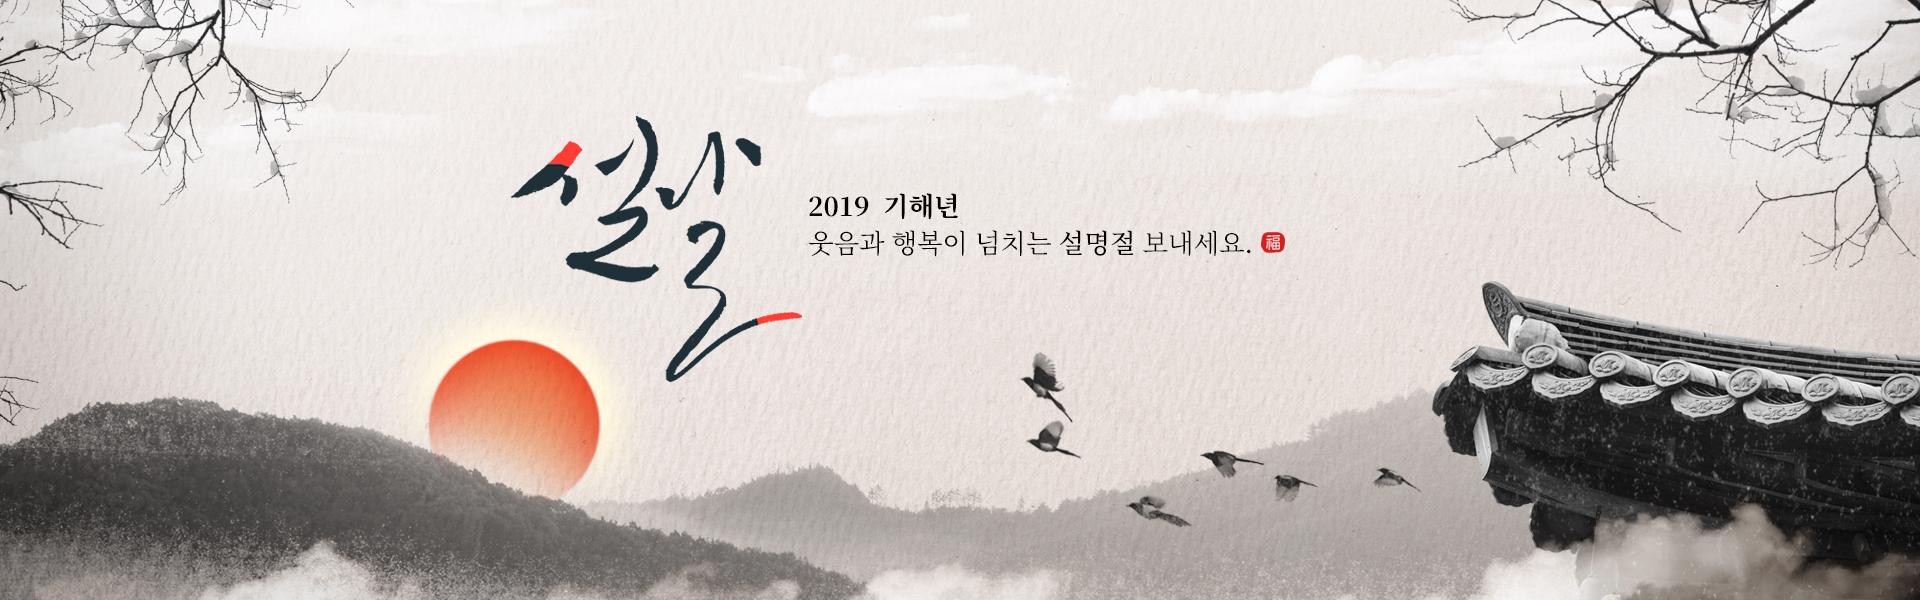 2019 기해년 웃음과 행복이 넘치는 설명절 보내세요.